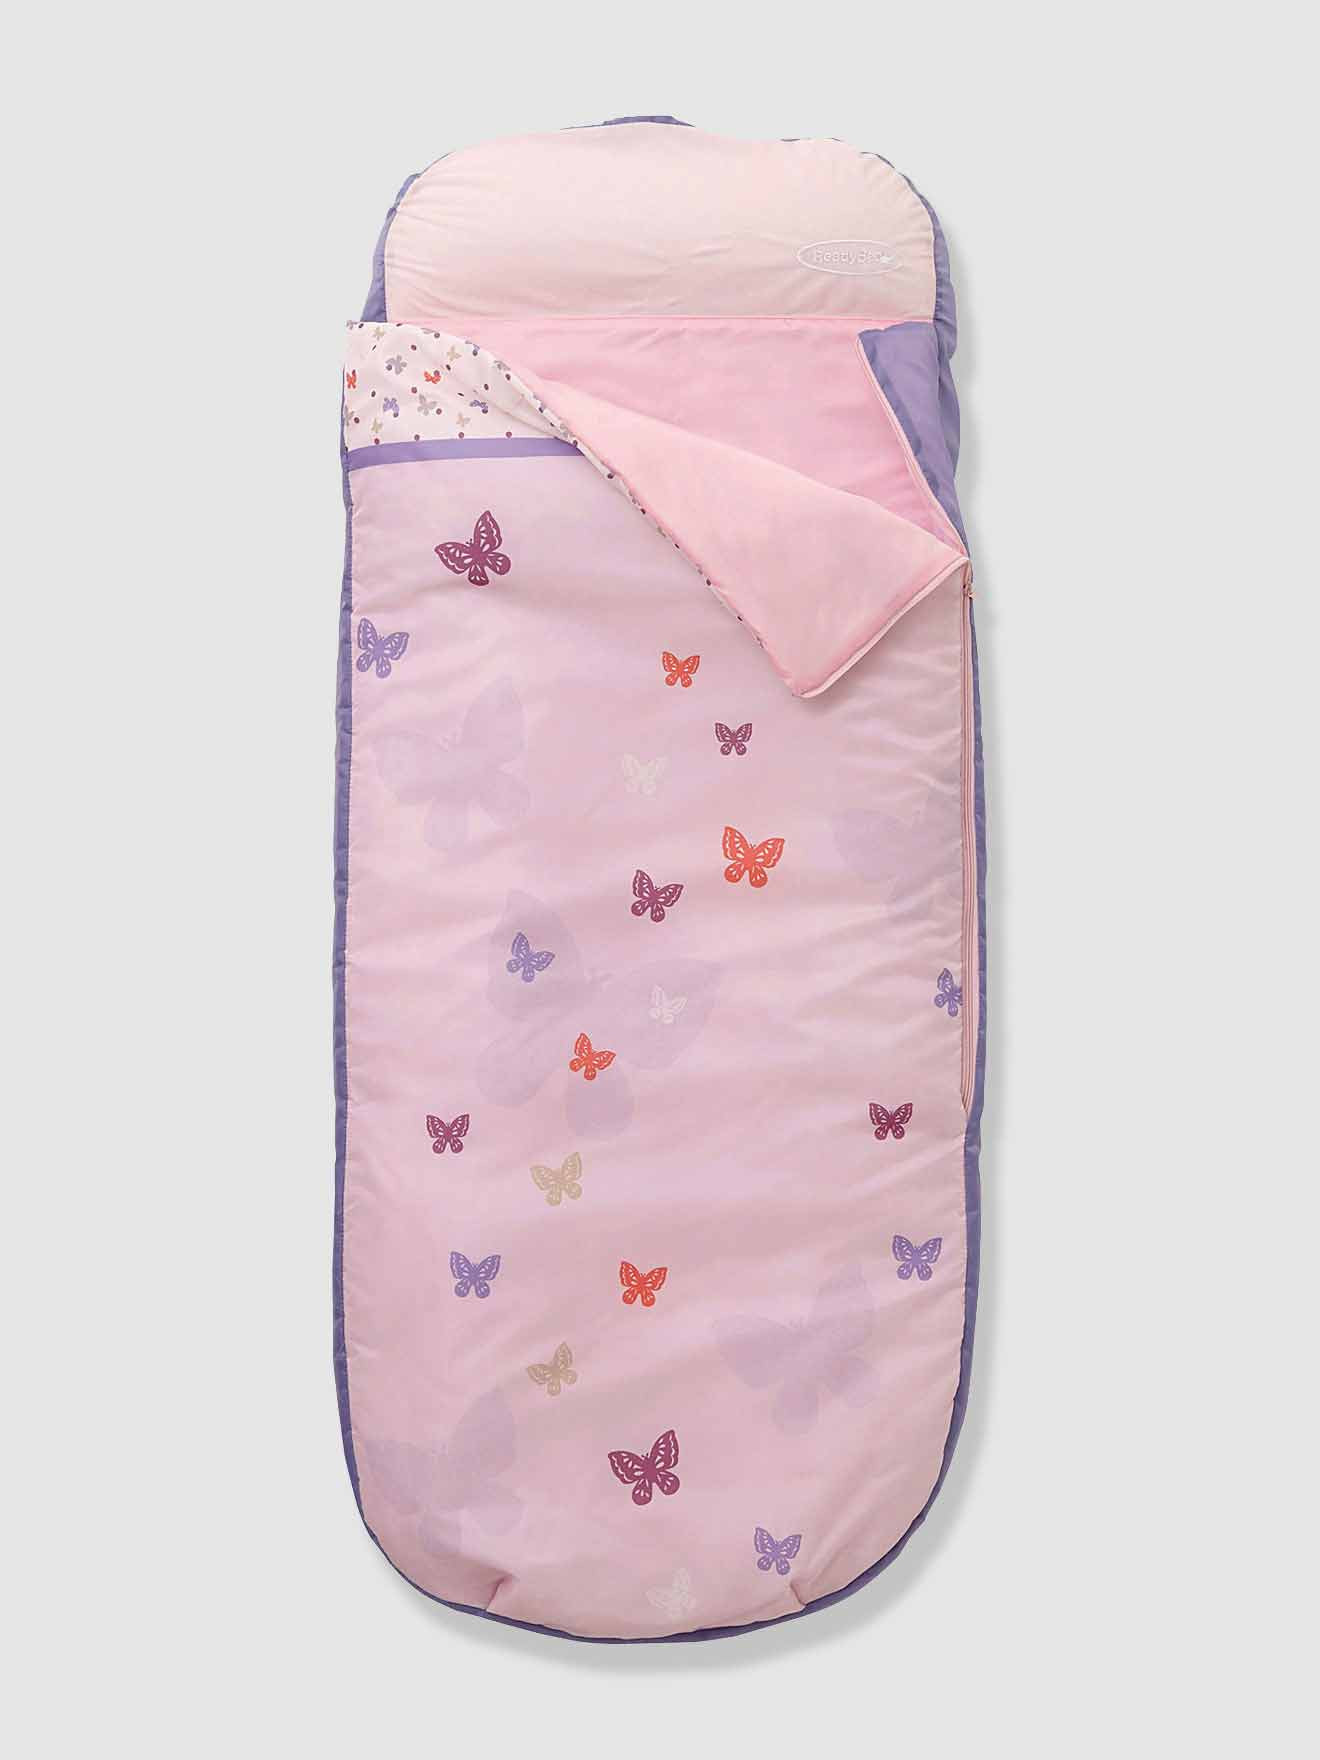 Sac de couchage avec matelas int gr vertbaudet avis - Sac de couchage matelas integre enfant ...